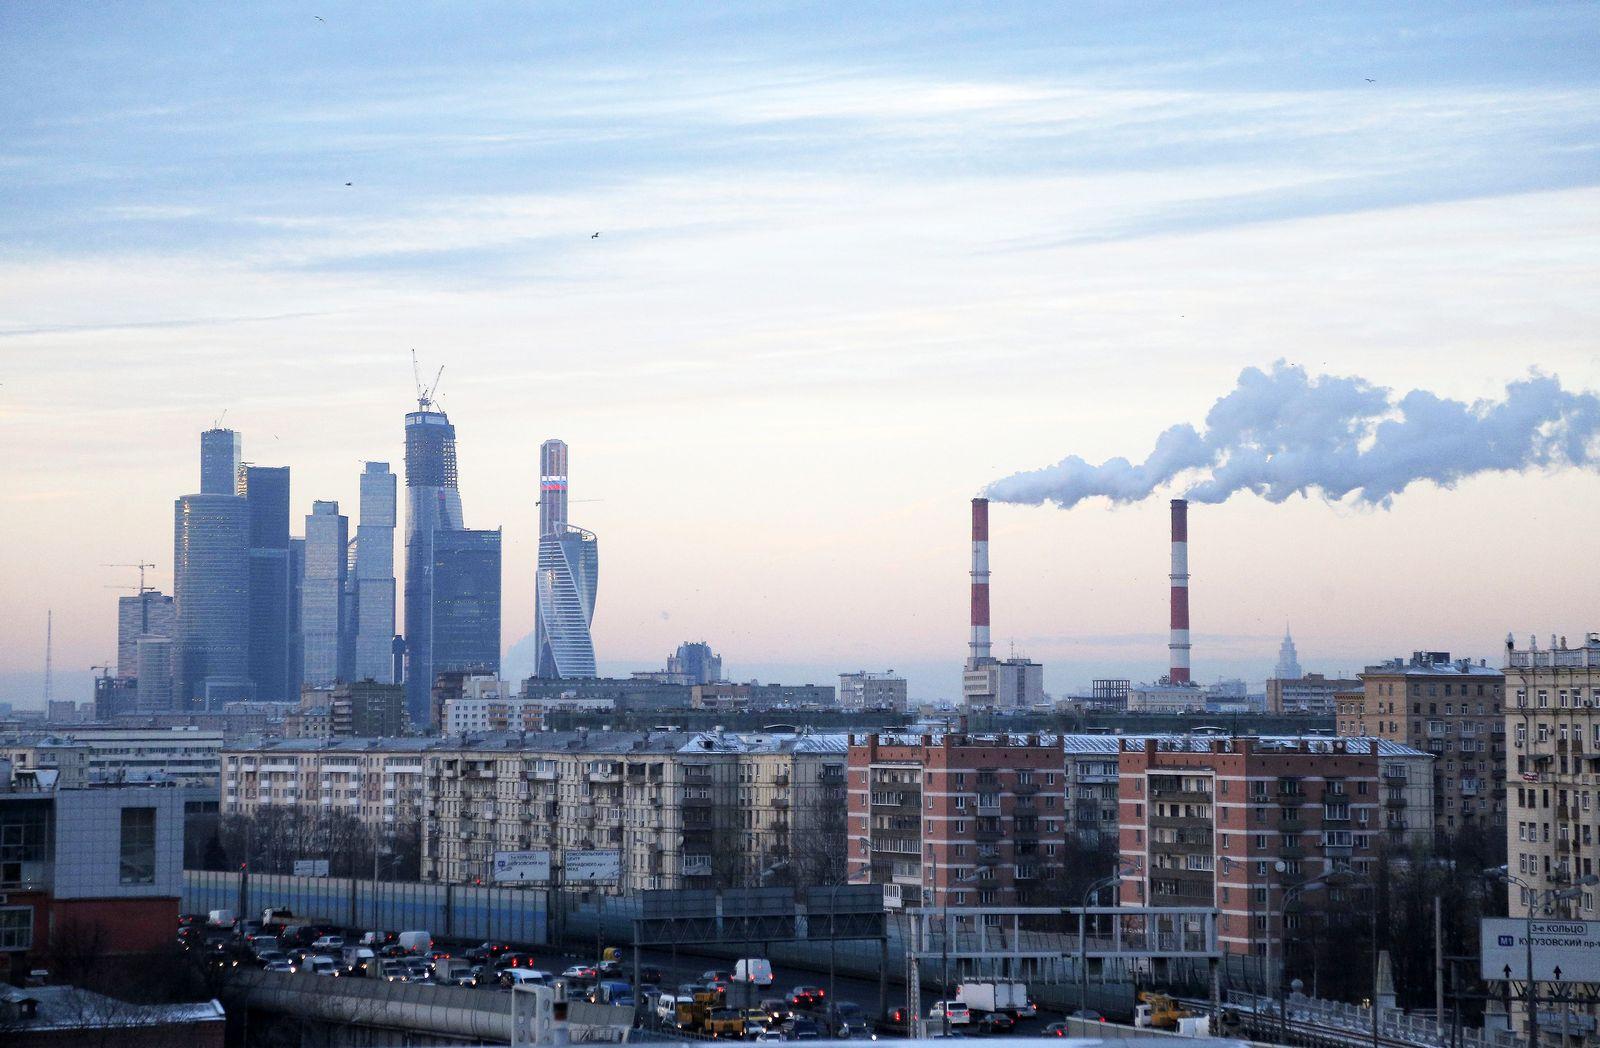 Russland / Moskau / Konjunktur / Banken / Wirtschaft